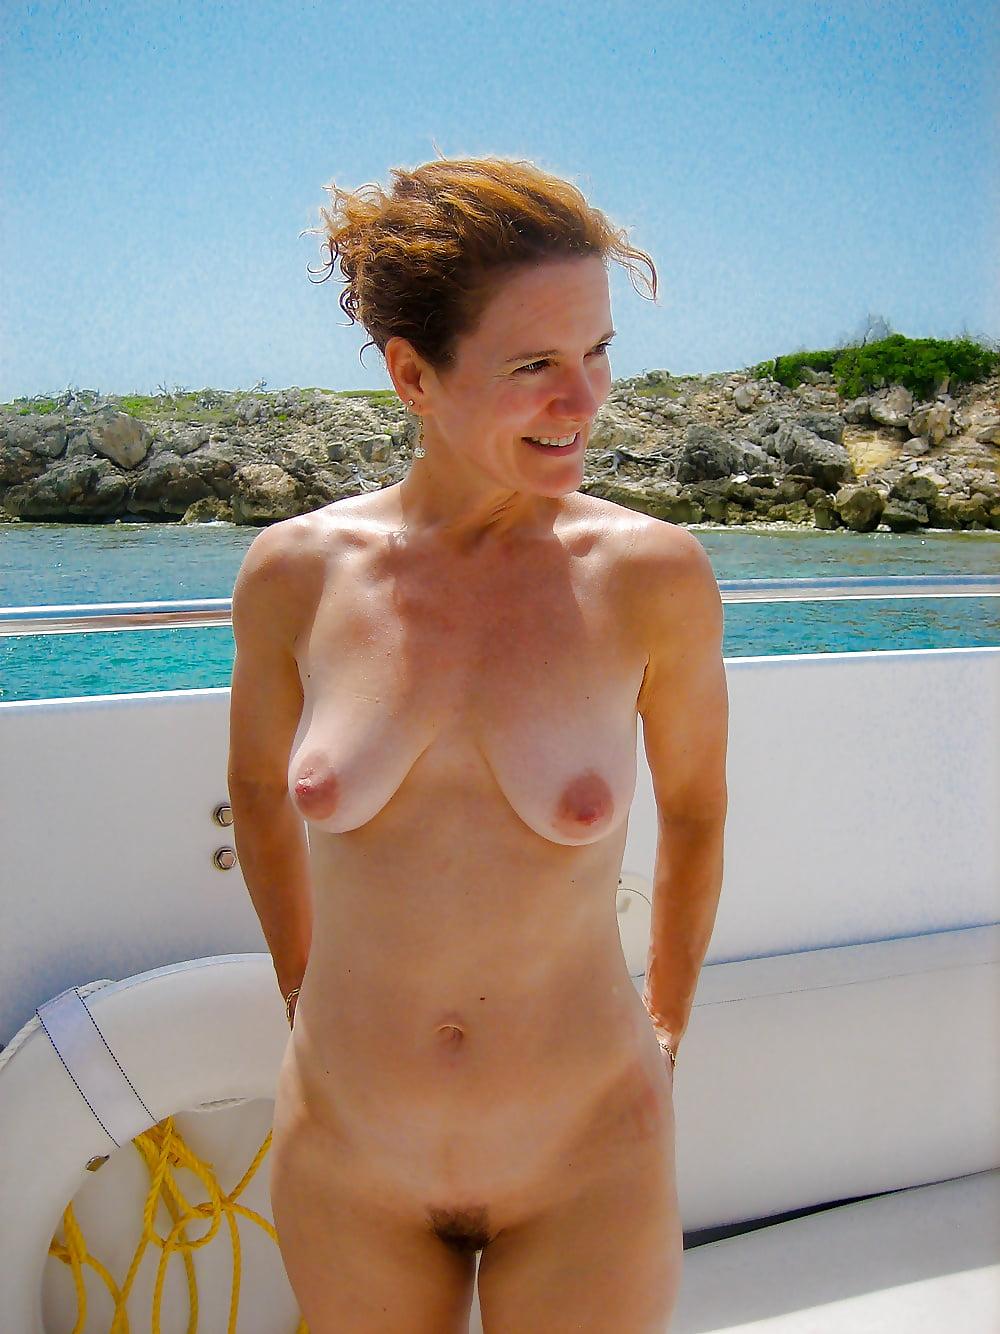 irish-nude-mom-jamie-foxworth-nude-photos